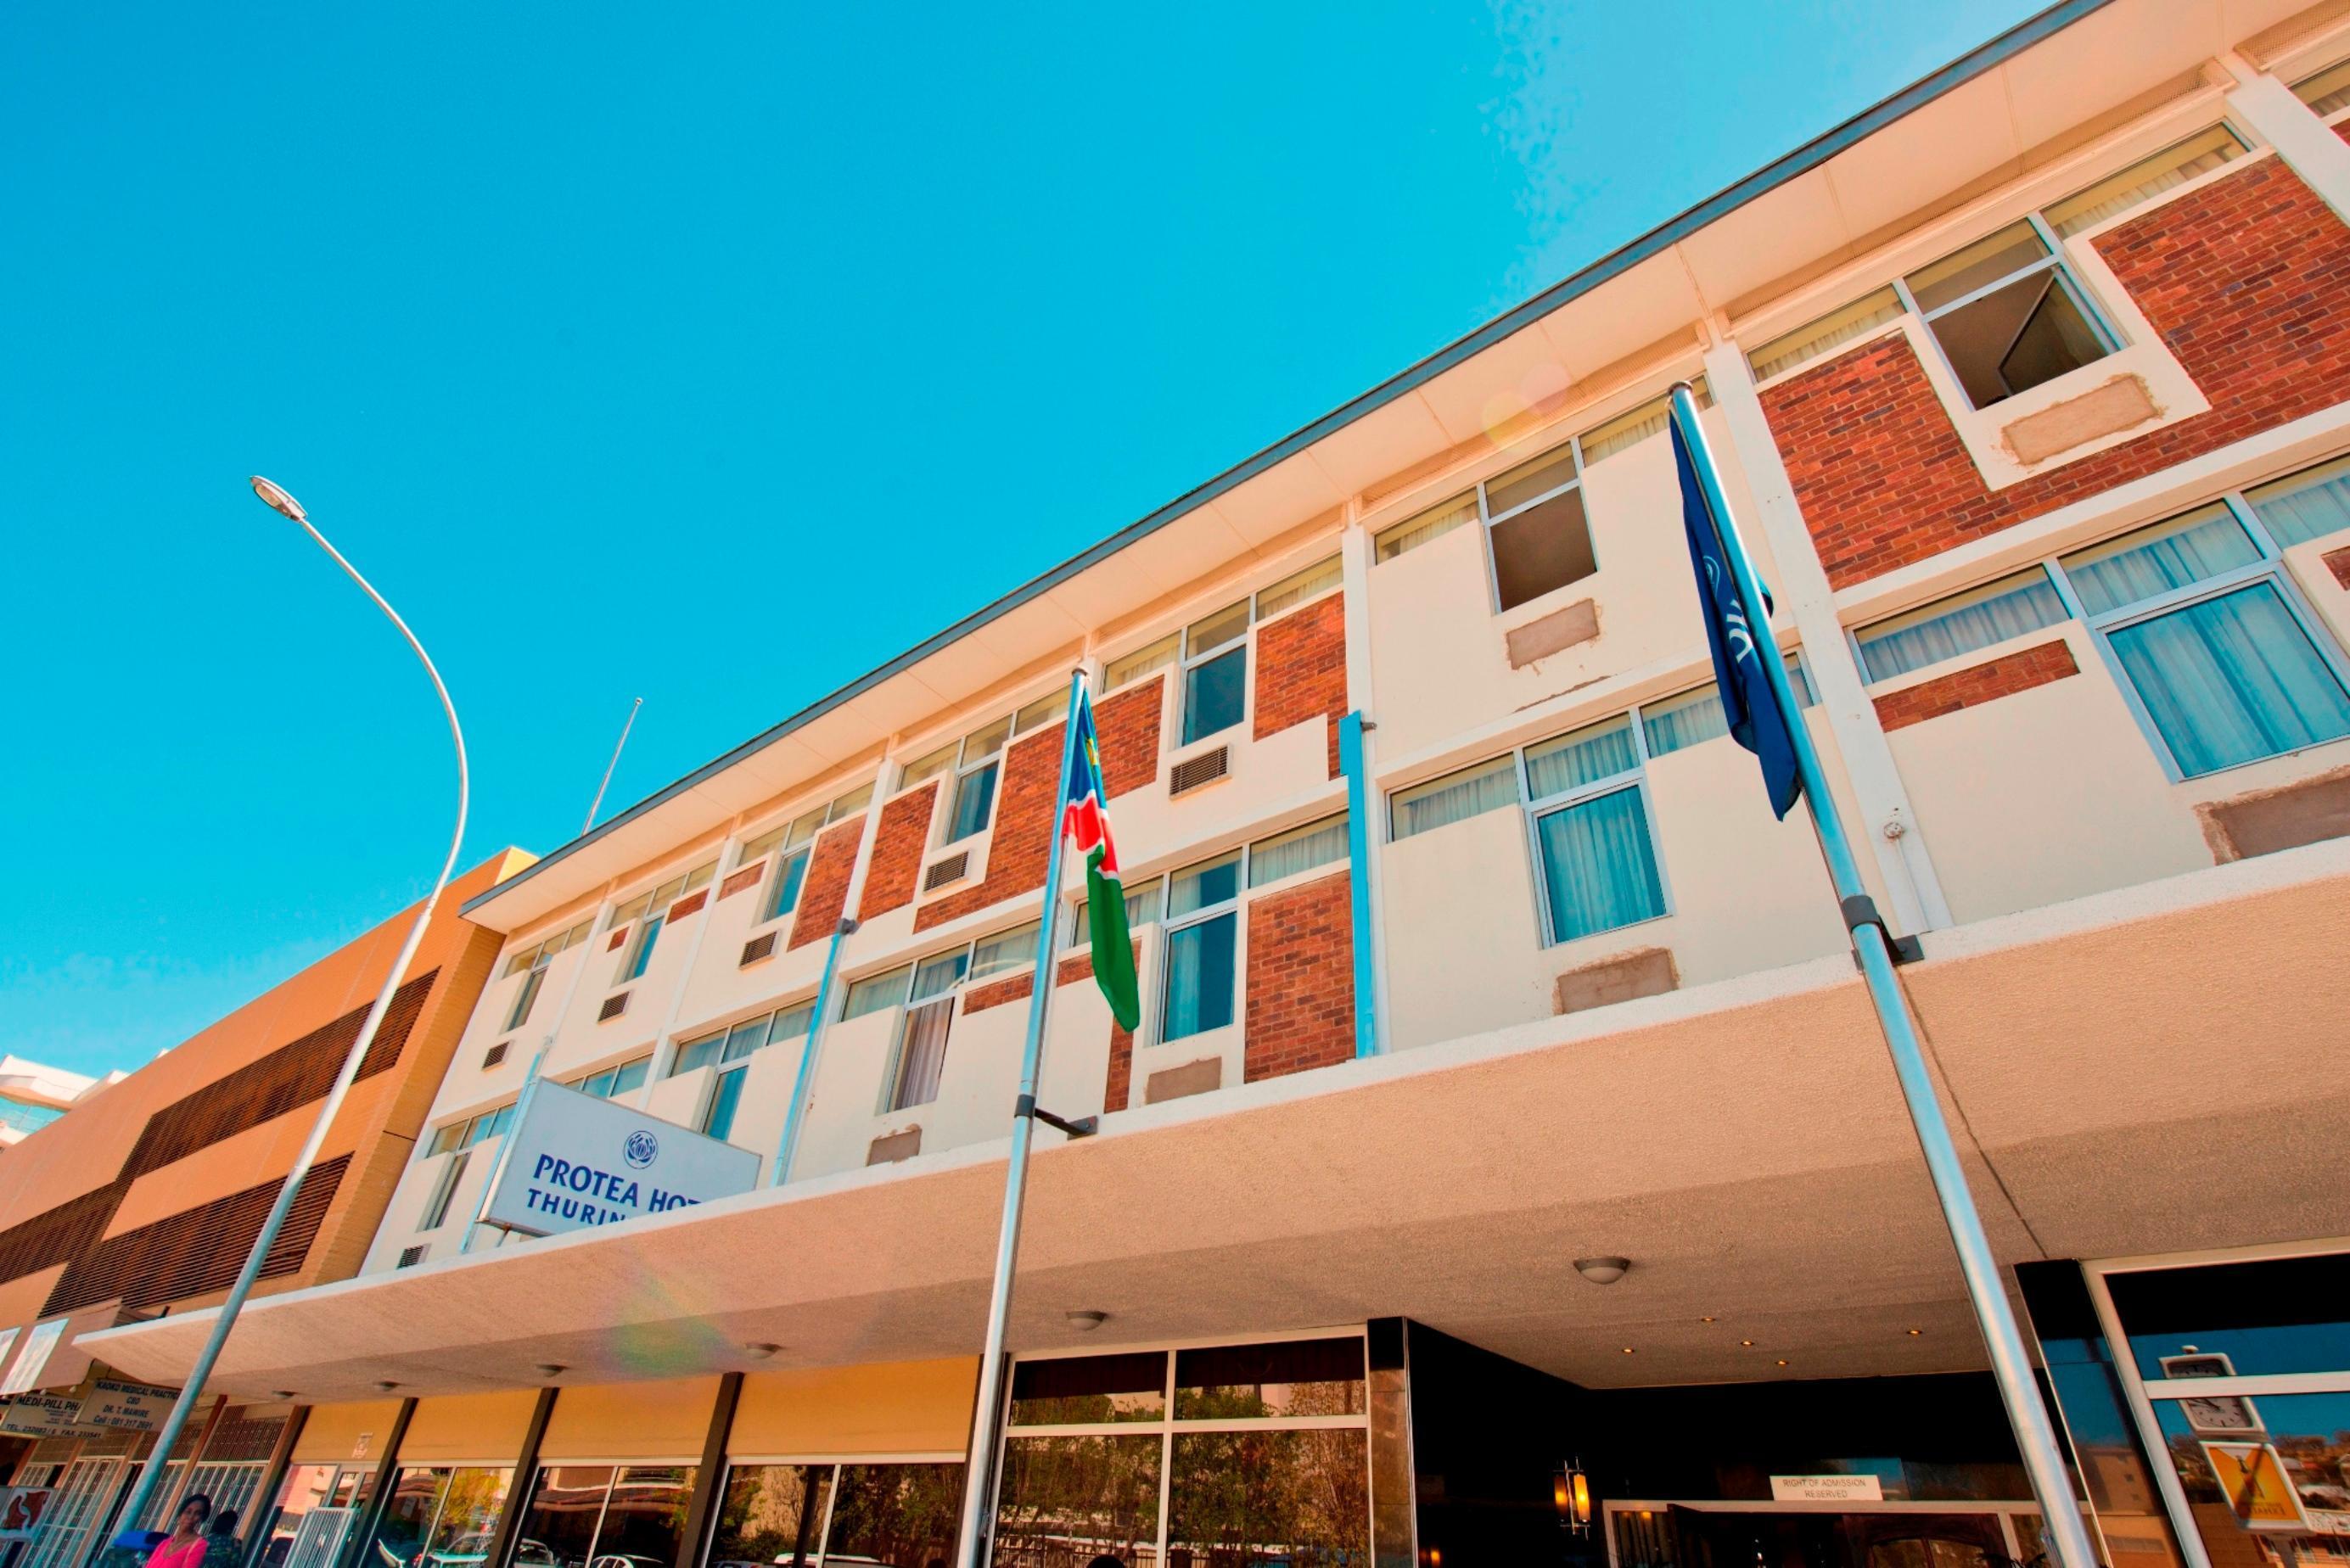 Protea Hotel Windhoek Thuringerhof, Windhoek East